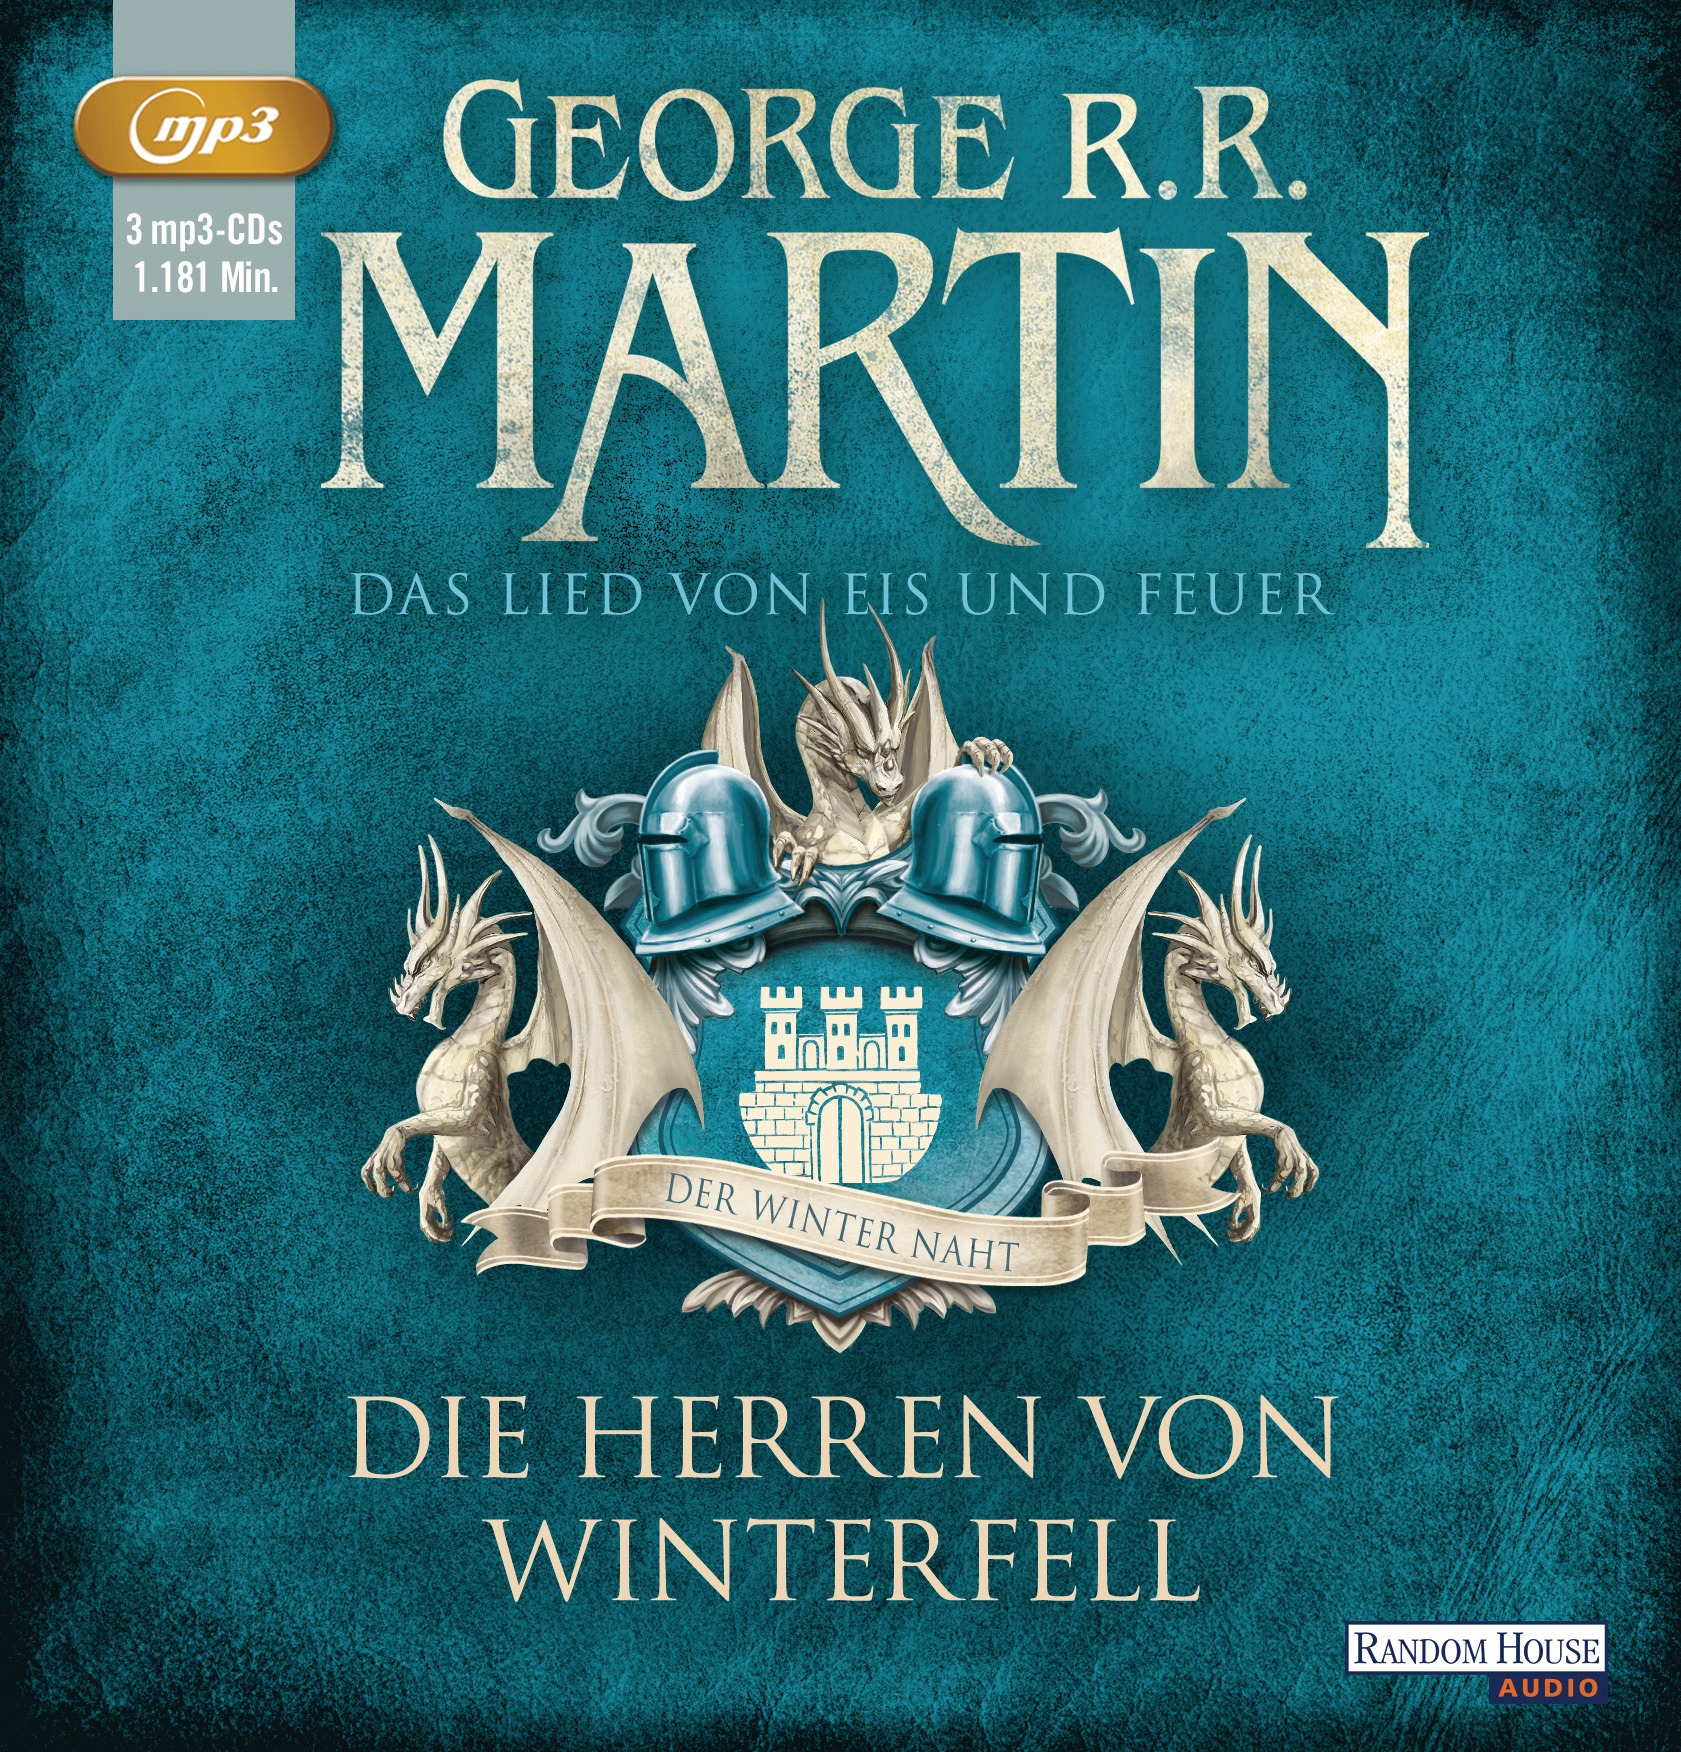 Das Lied von Eis und Feuer - Band 1: Die Herren von Winterfell - George R.R. Martin [Hörbuch, 3 CDs]